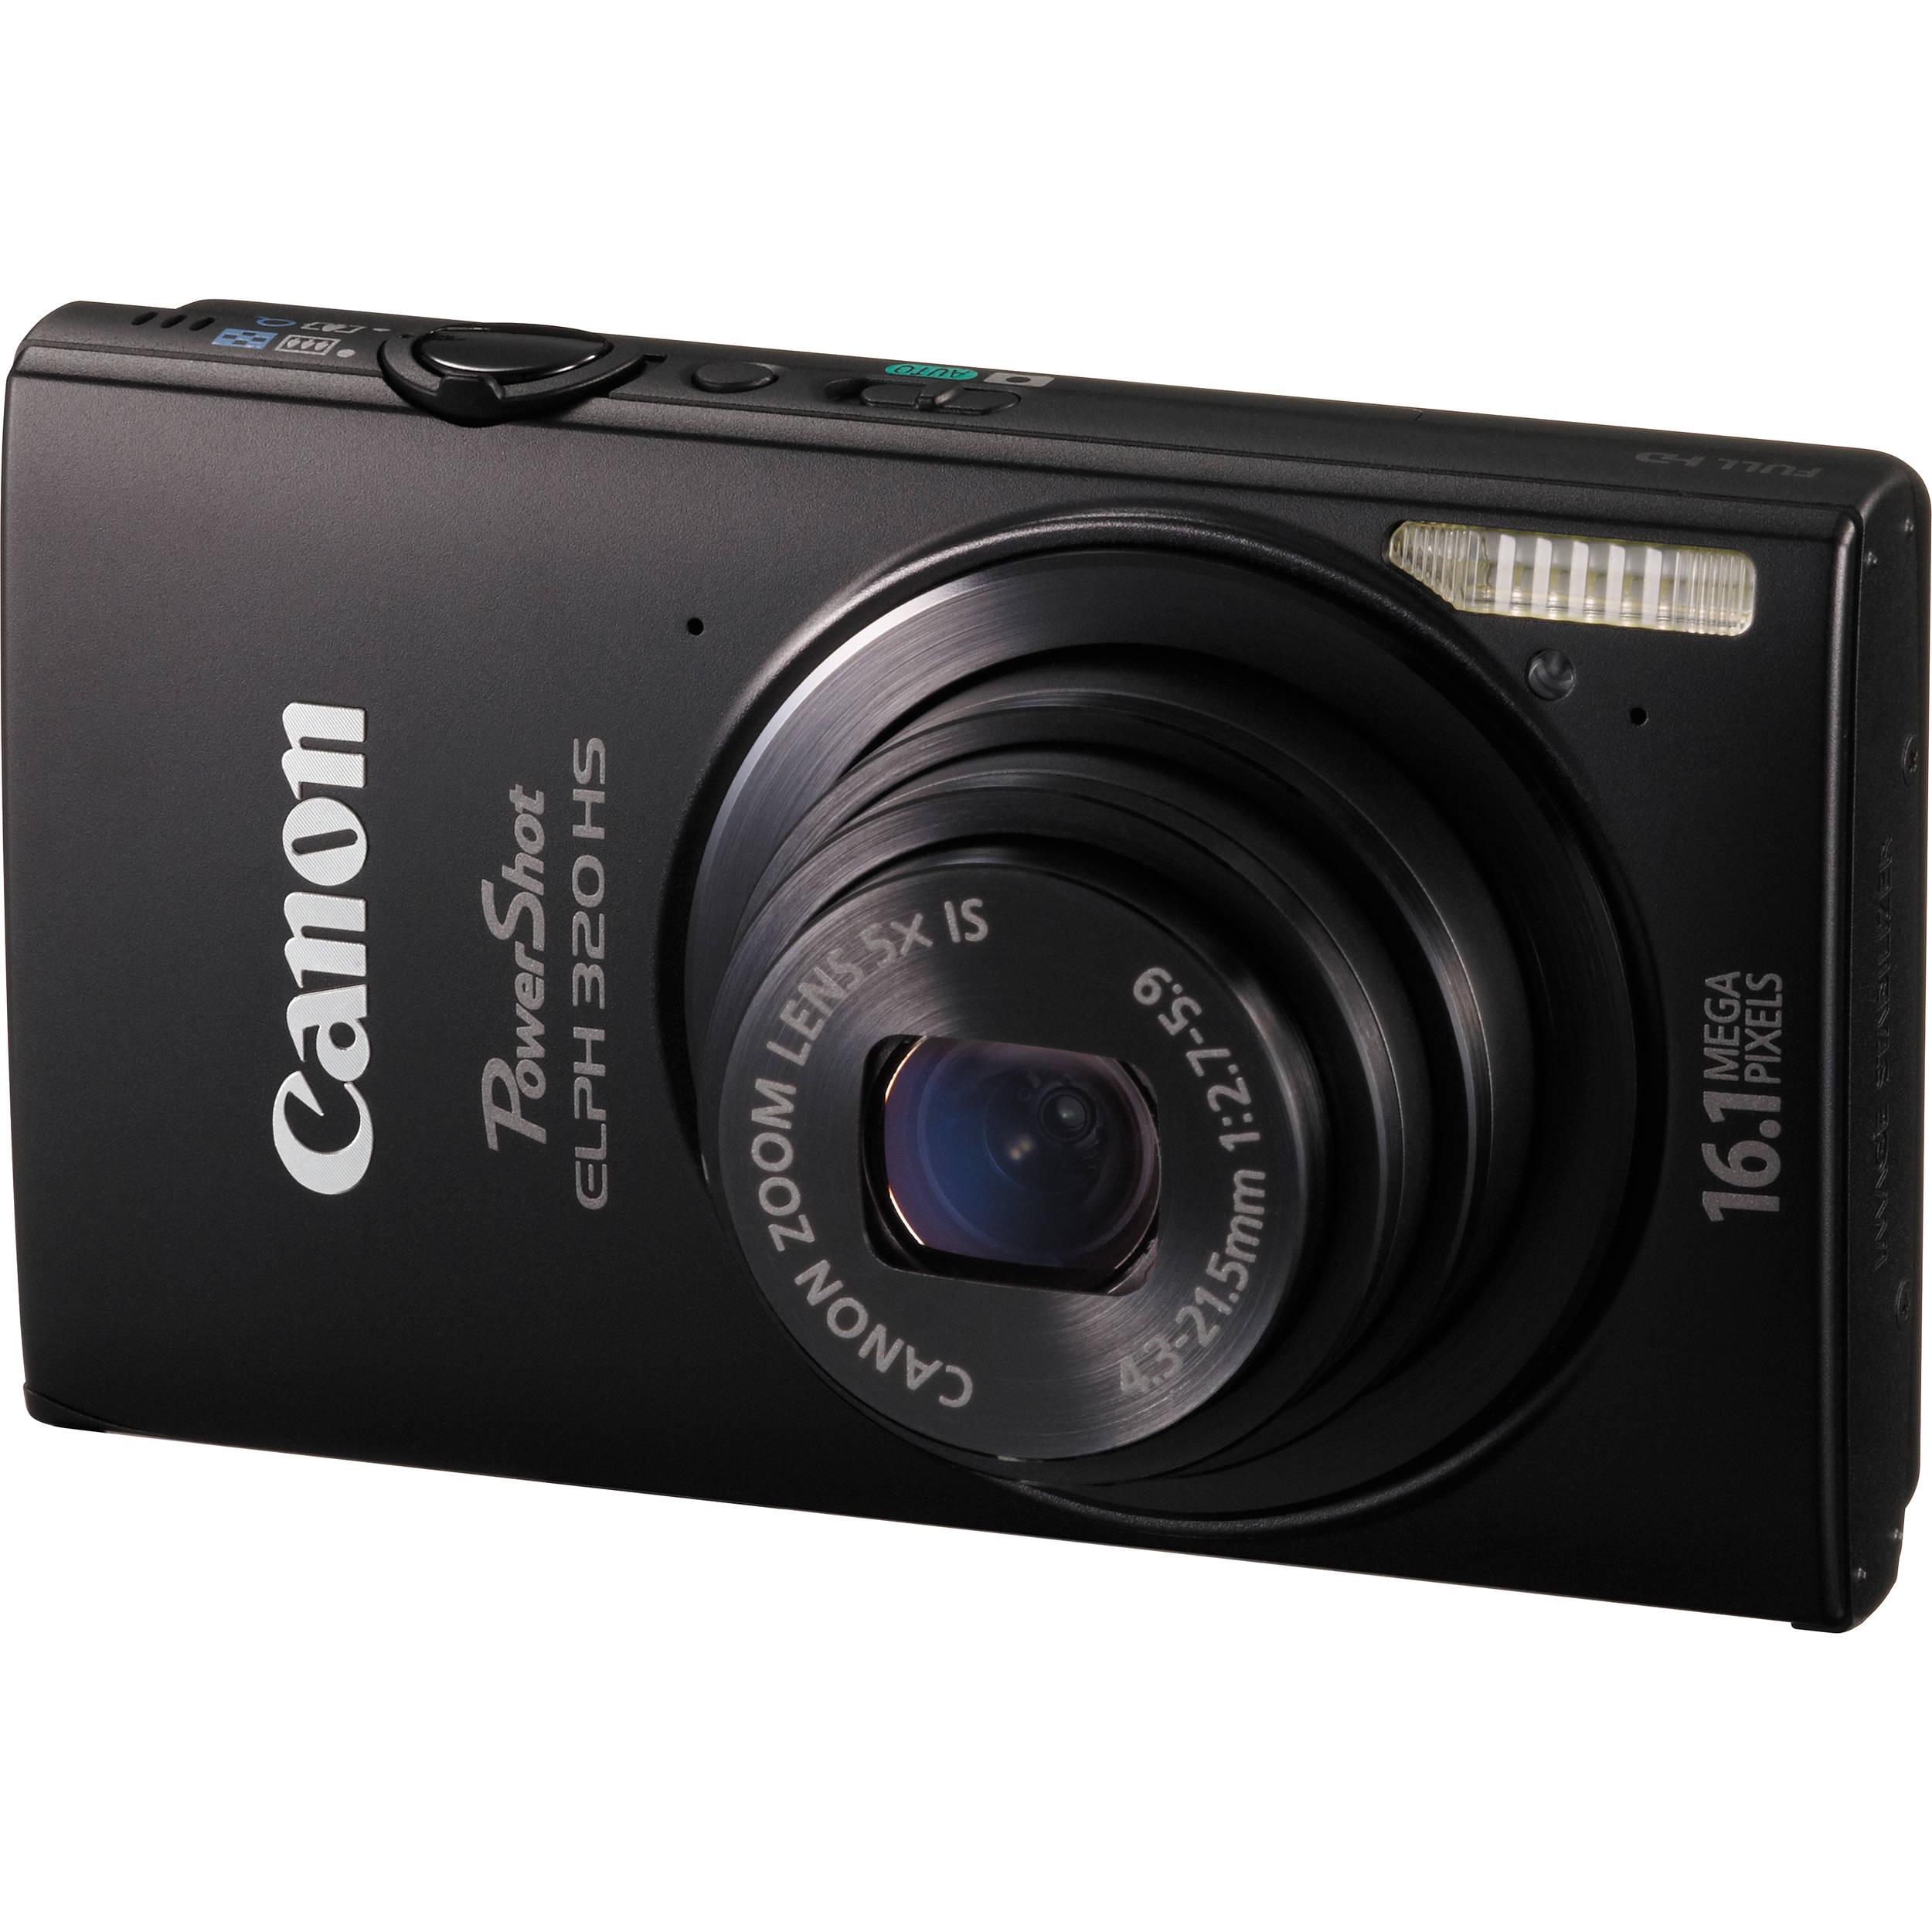 Canon powershot elph 320 hs.